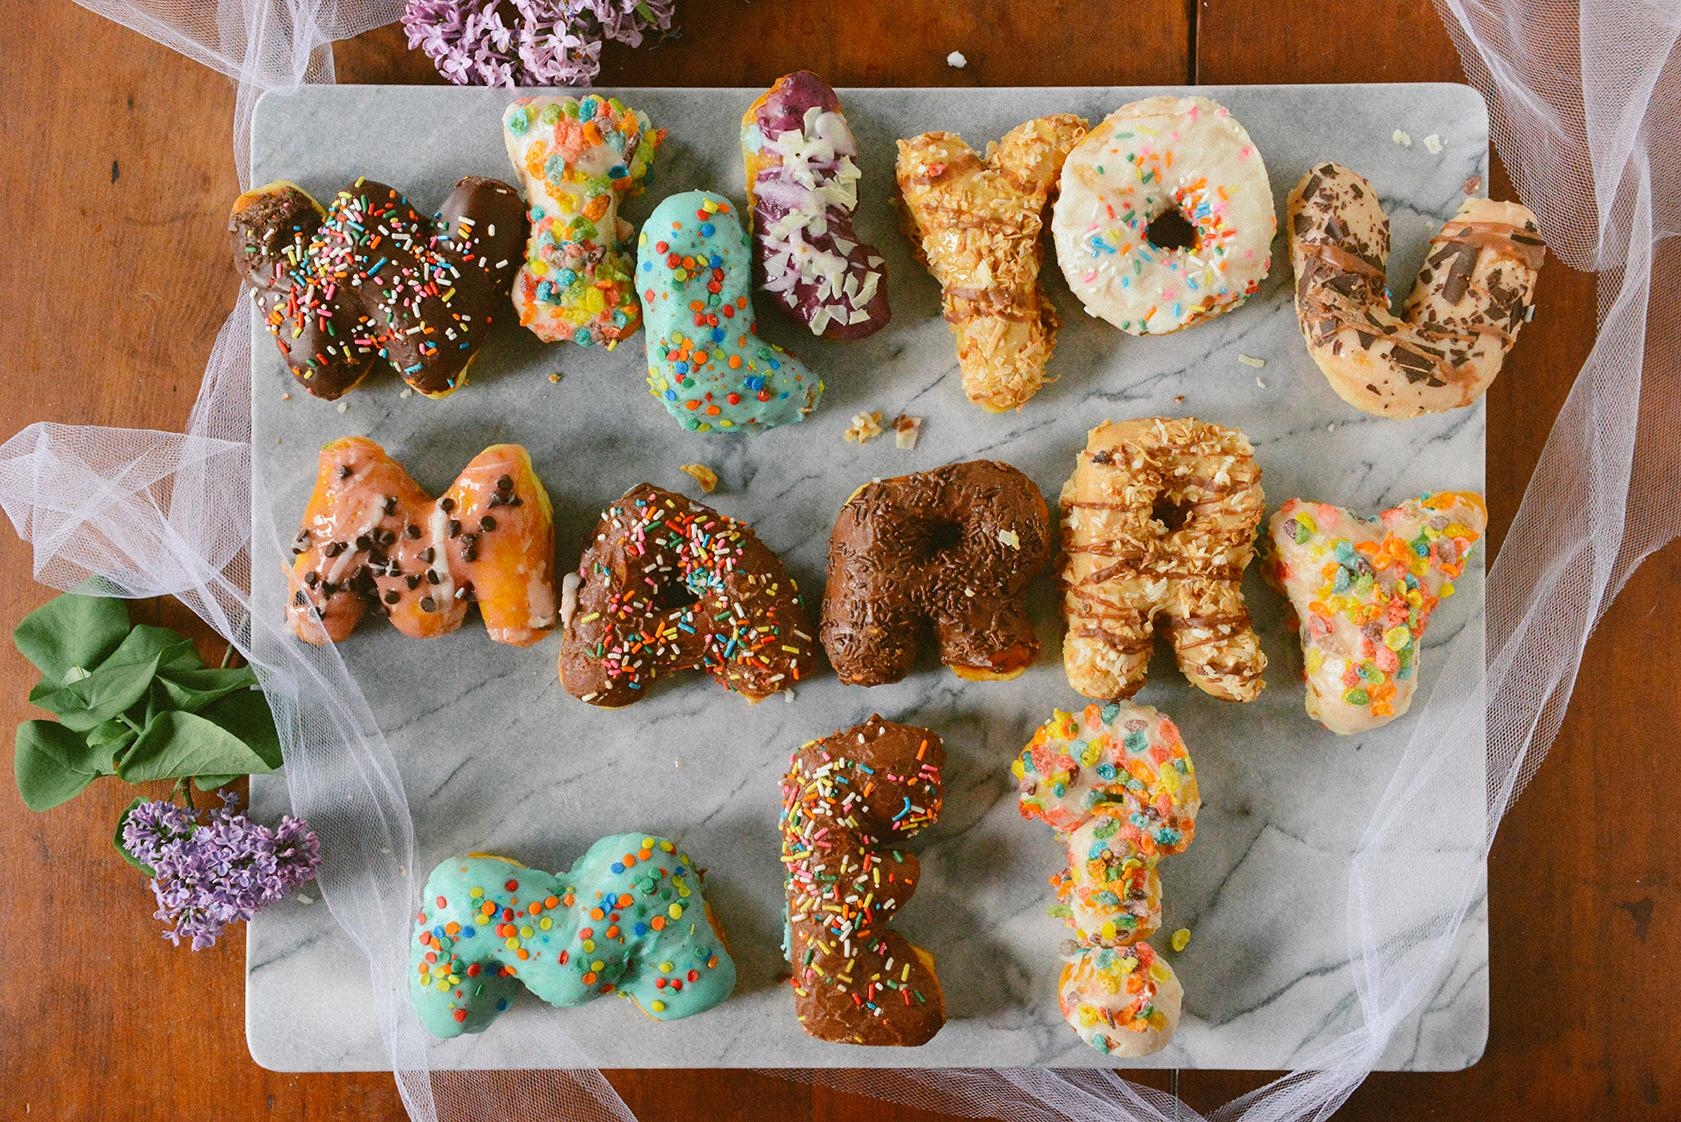 A Doughnut Proposal & The Value of Chosen Family